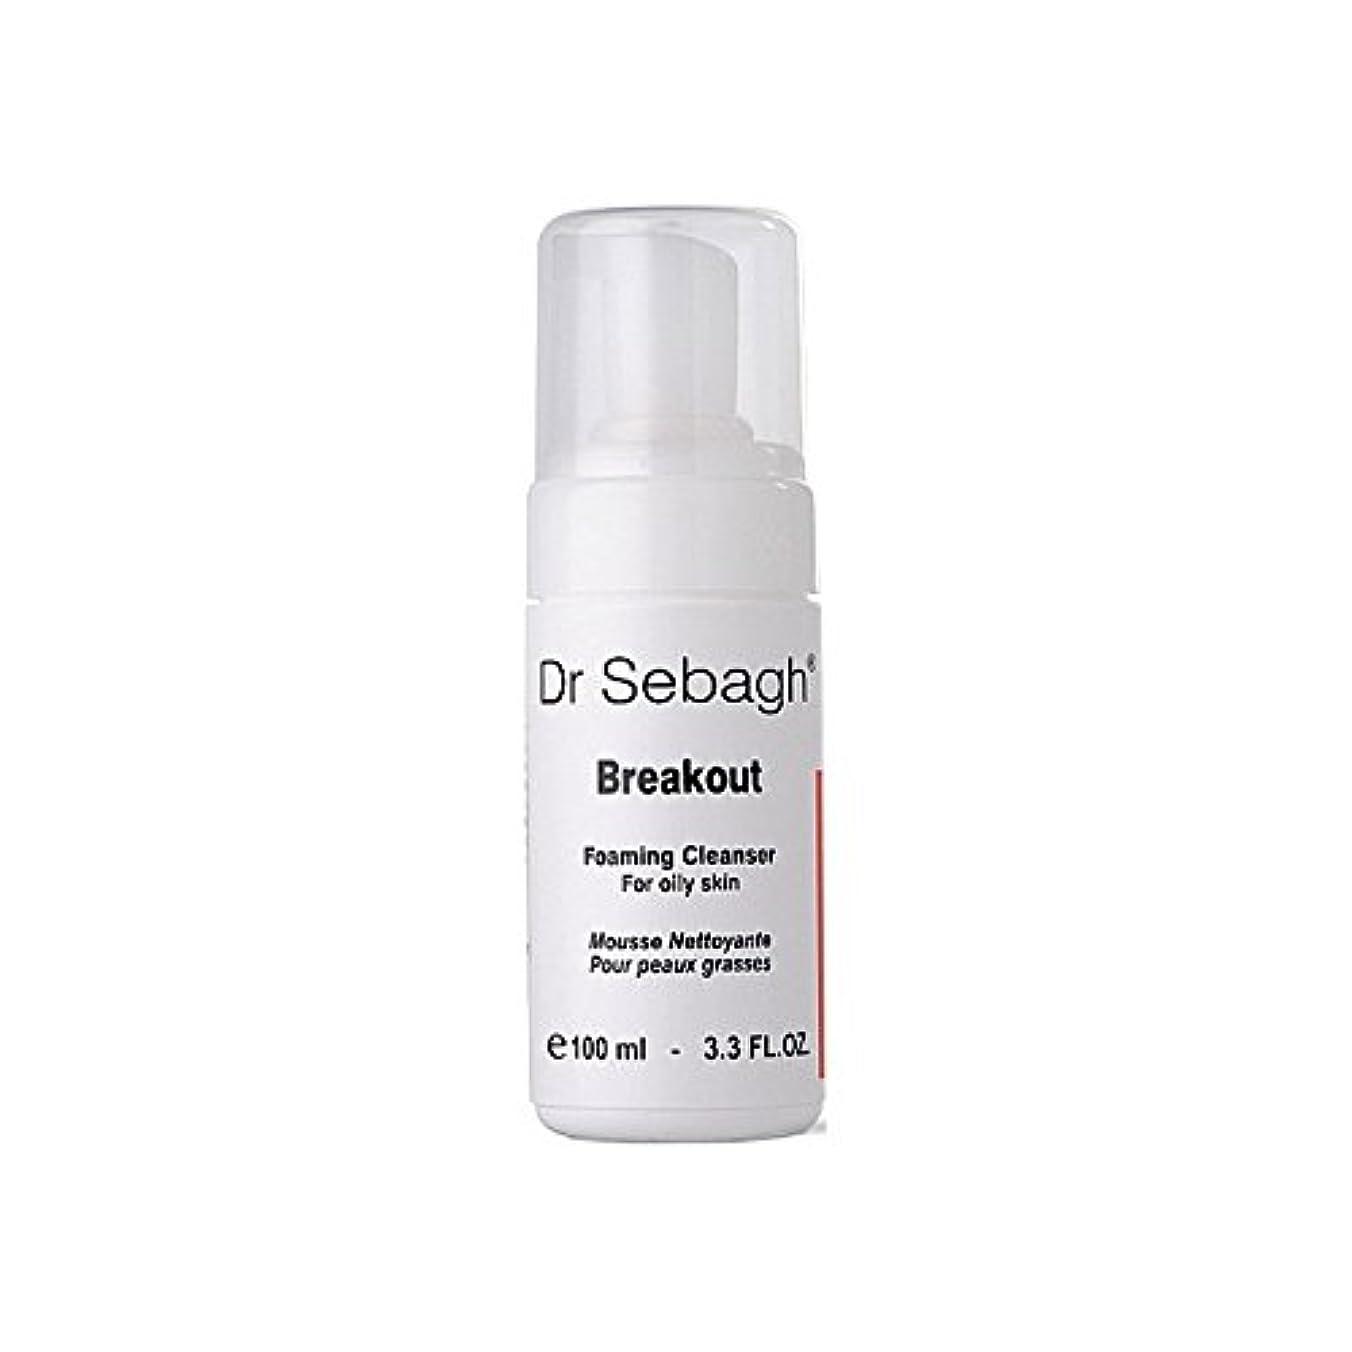 連結する海岸通りDr Sebagh Breakout Foaming Cleanser (Pack of 6) - クレンザーを発泡の のブレイクアウト x6 [並行輸入品]